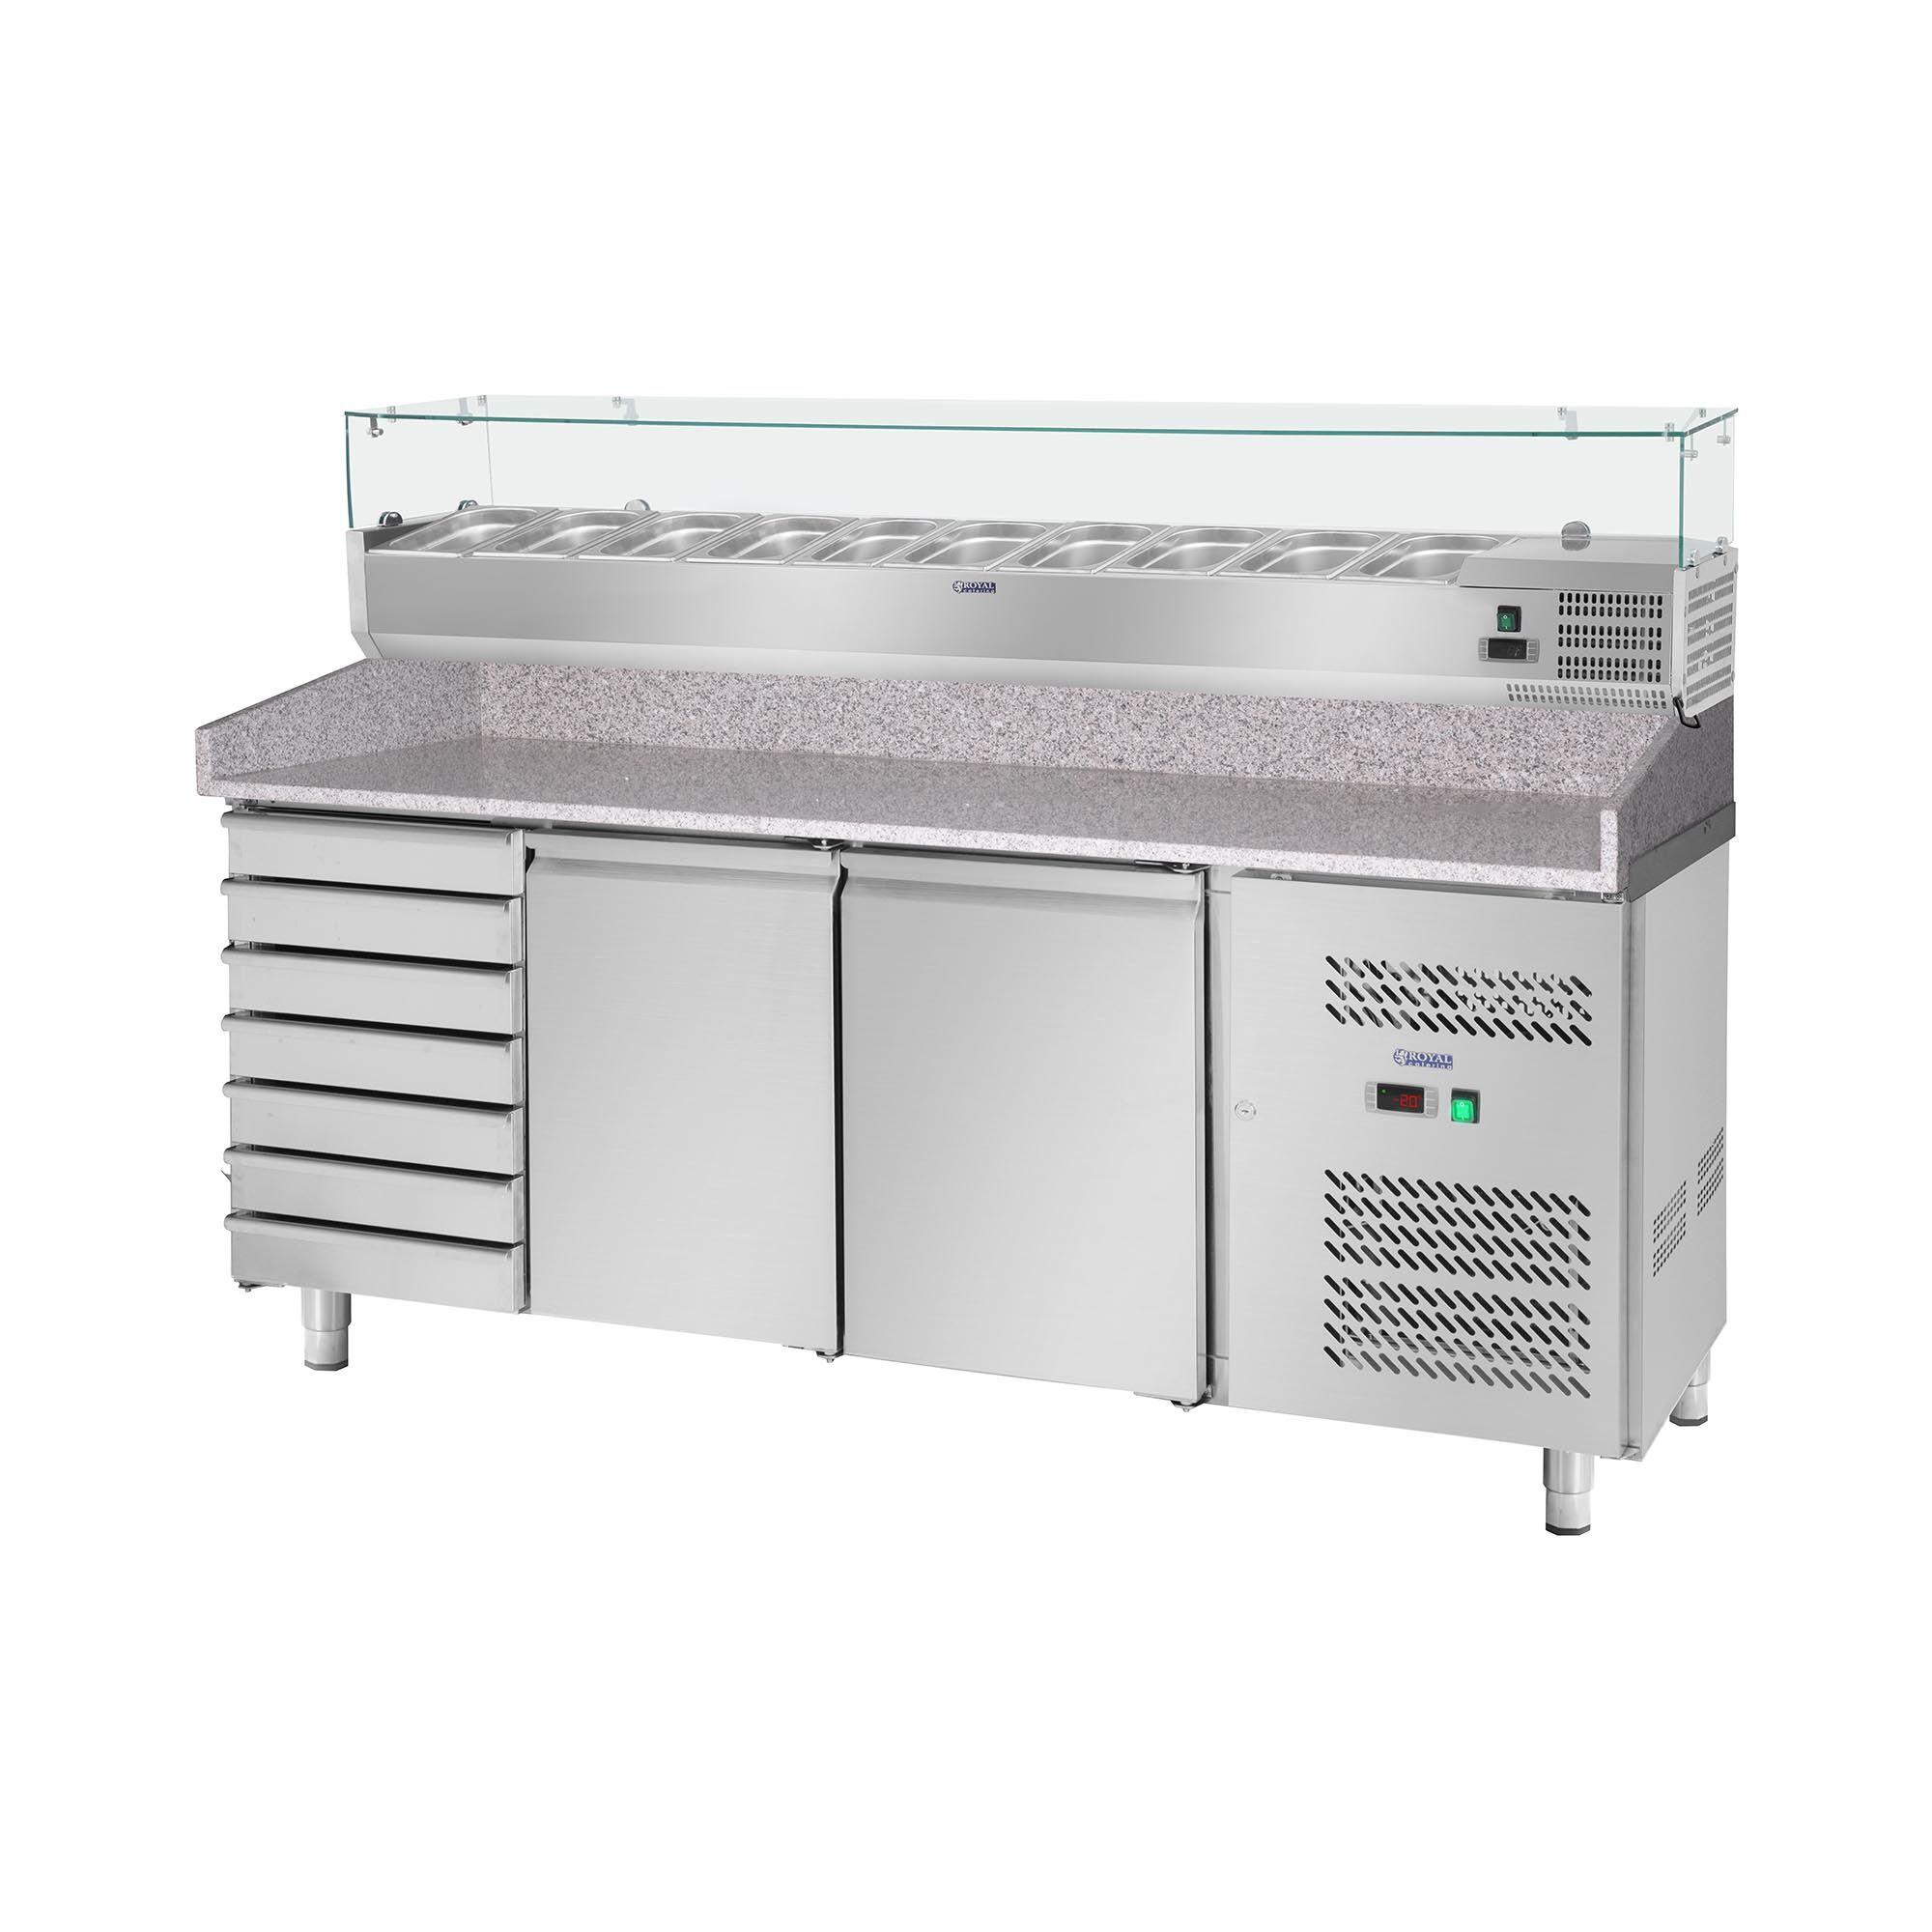 royal catering banco per pizza con vetrina refrigerata - 702 l - piano di lavoro in granito - 2 ante rckt-202/80-9